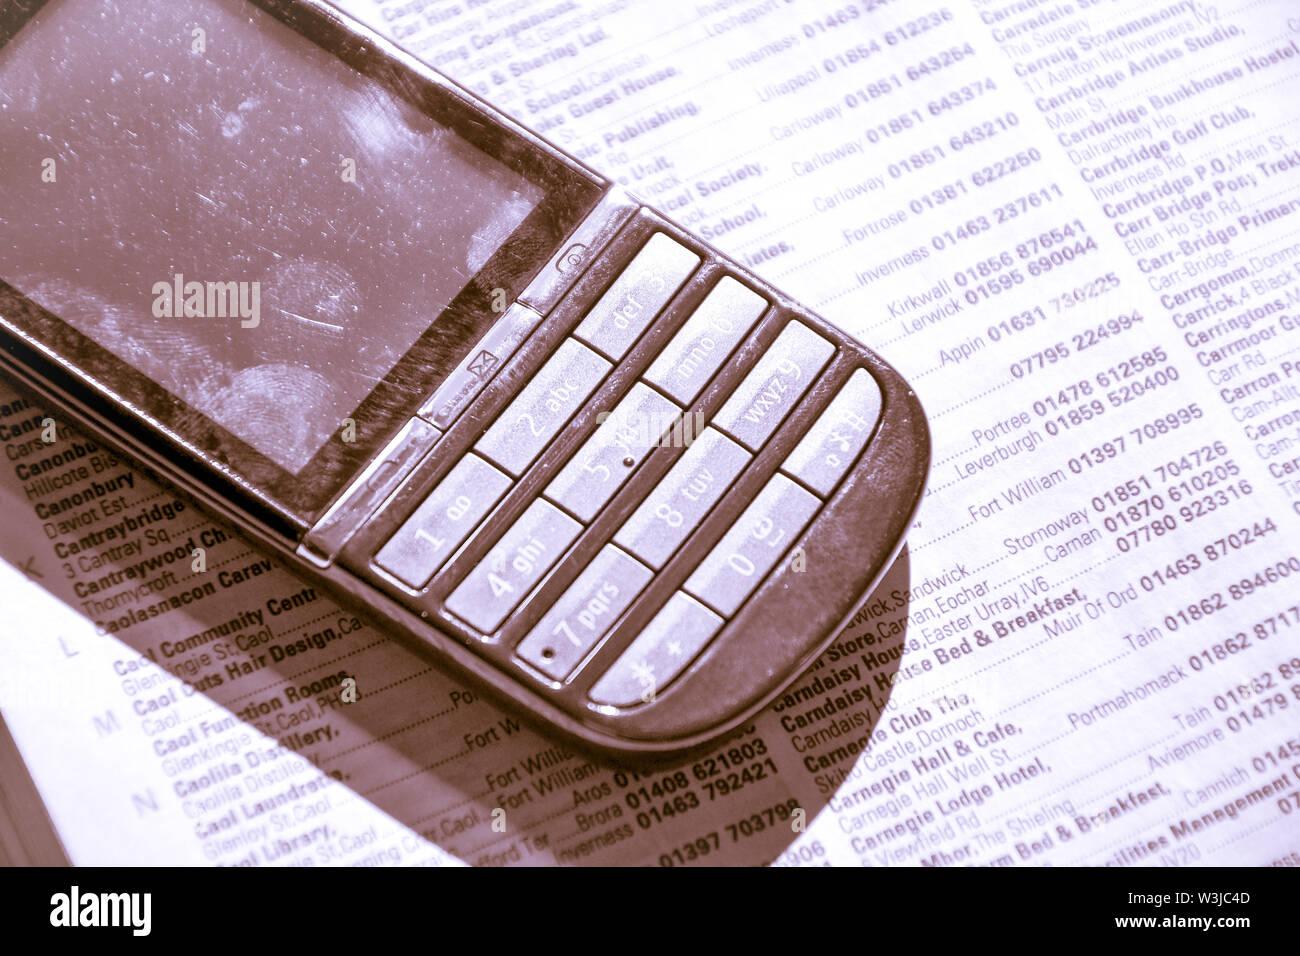 Phonebook Stock Photos & Phonebook Stock Images - Alamy